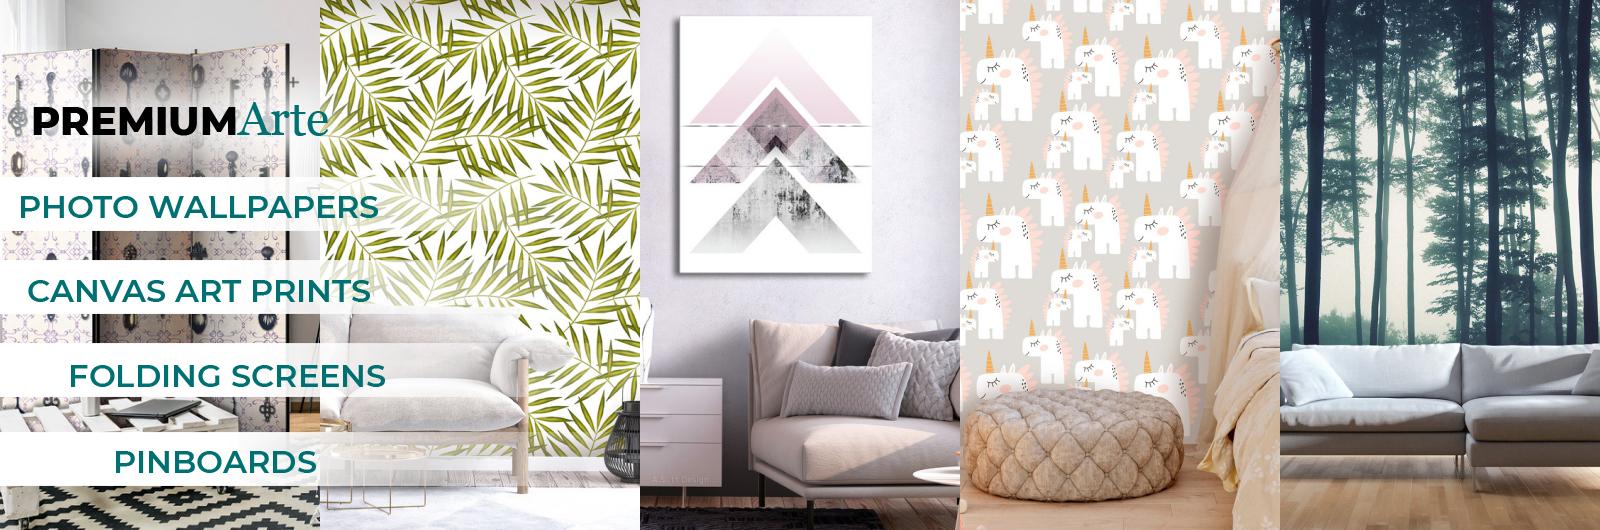 Premiumarte tiendas ebay gumiabroncs Choice Image